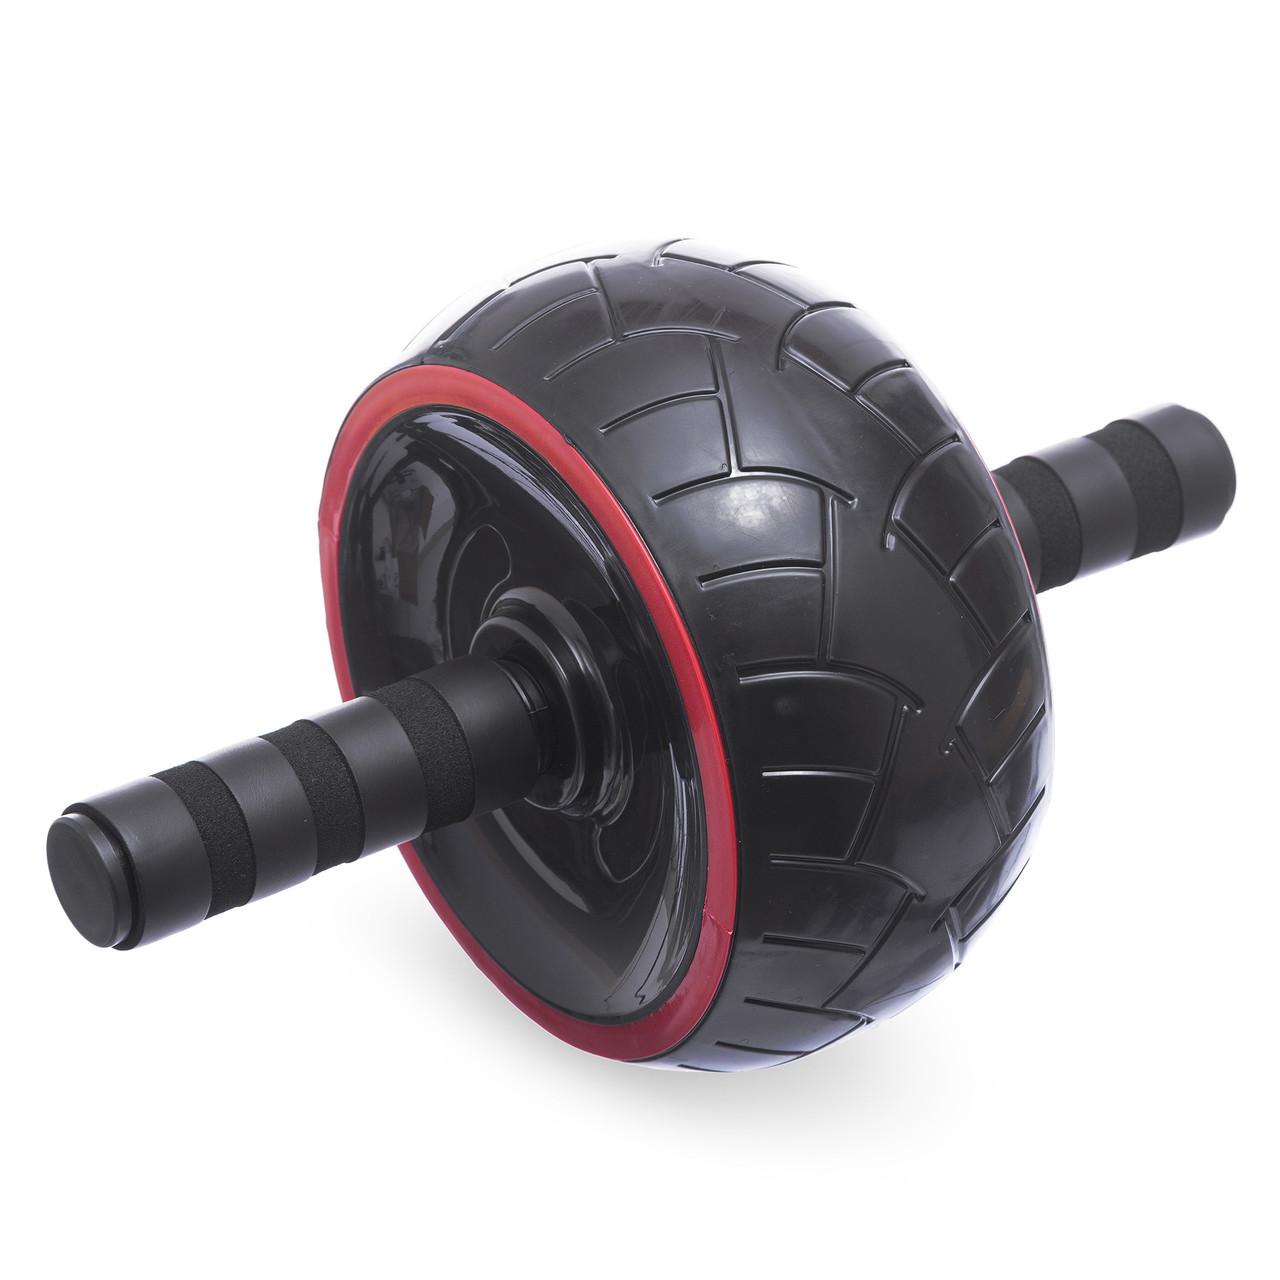 Колесо для пресса (ролик для пресса) одинарное FI-1696 (р-р 30х20х9,5см, металл, пластик, ручка-резина)